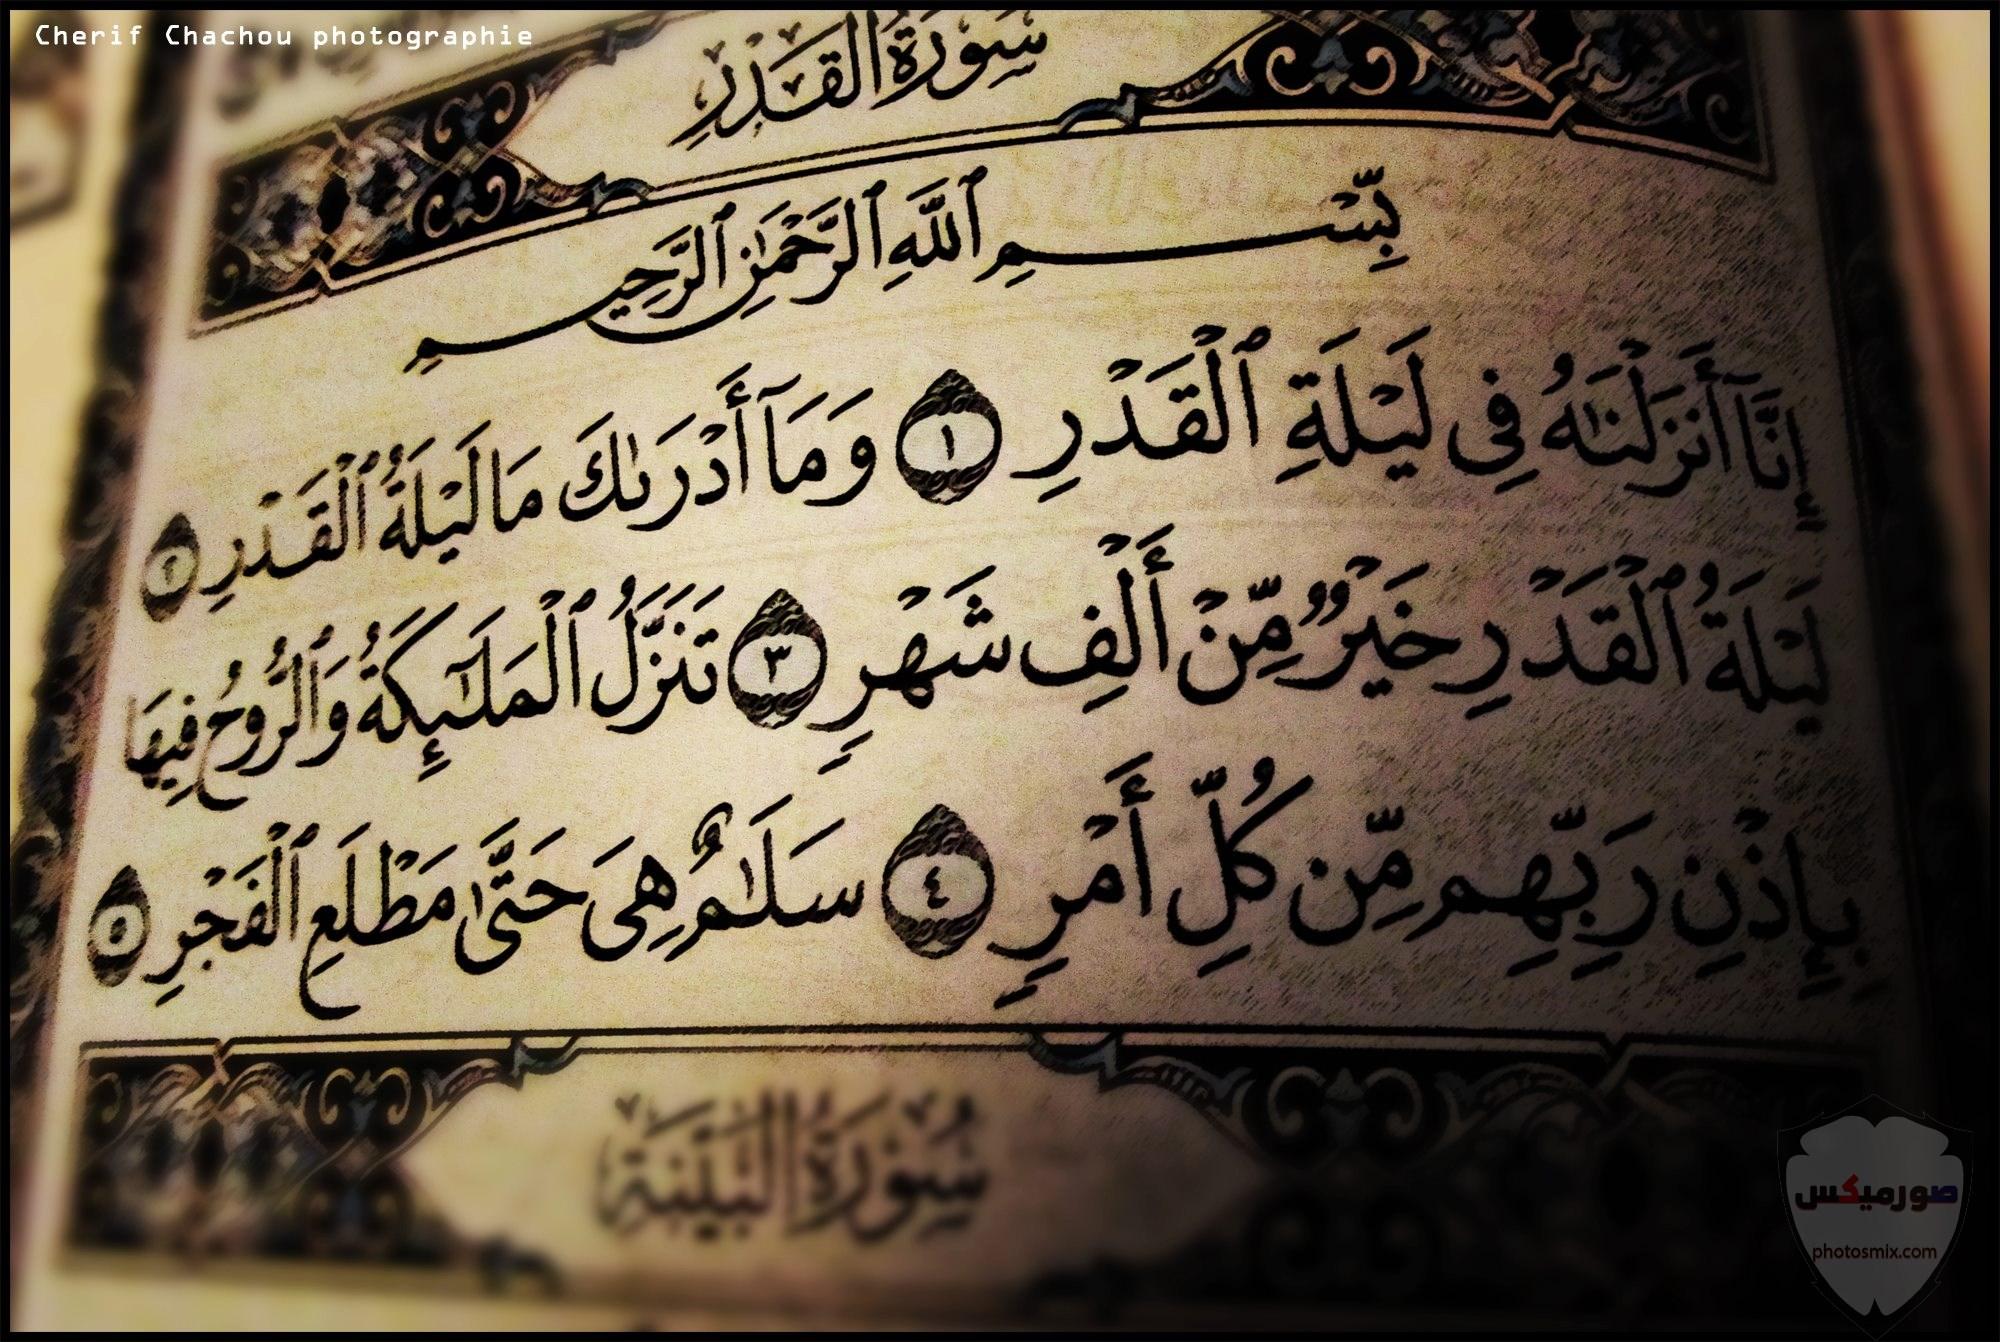 صور قرآن جميلة صور دعاء ادعية مصور صور وخلفيات مكتوب عليها الله 6